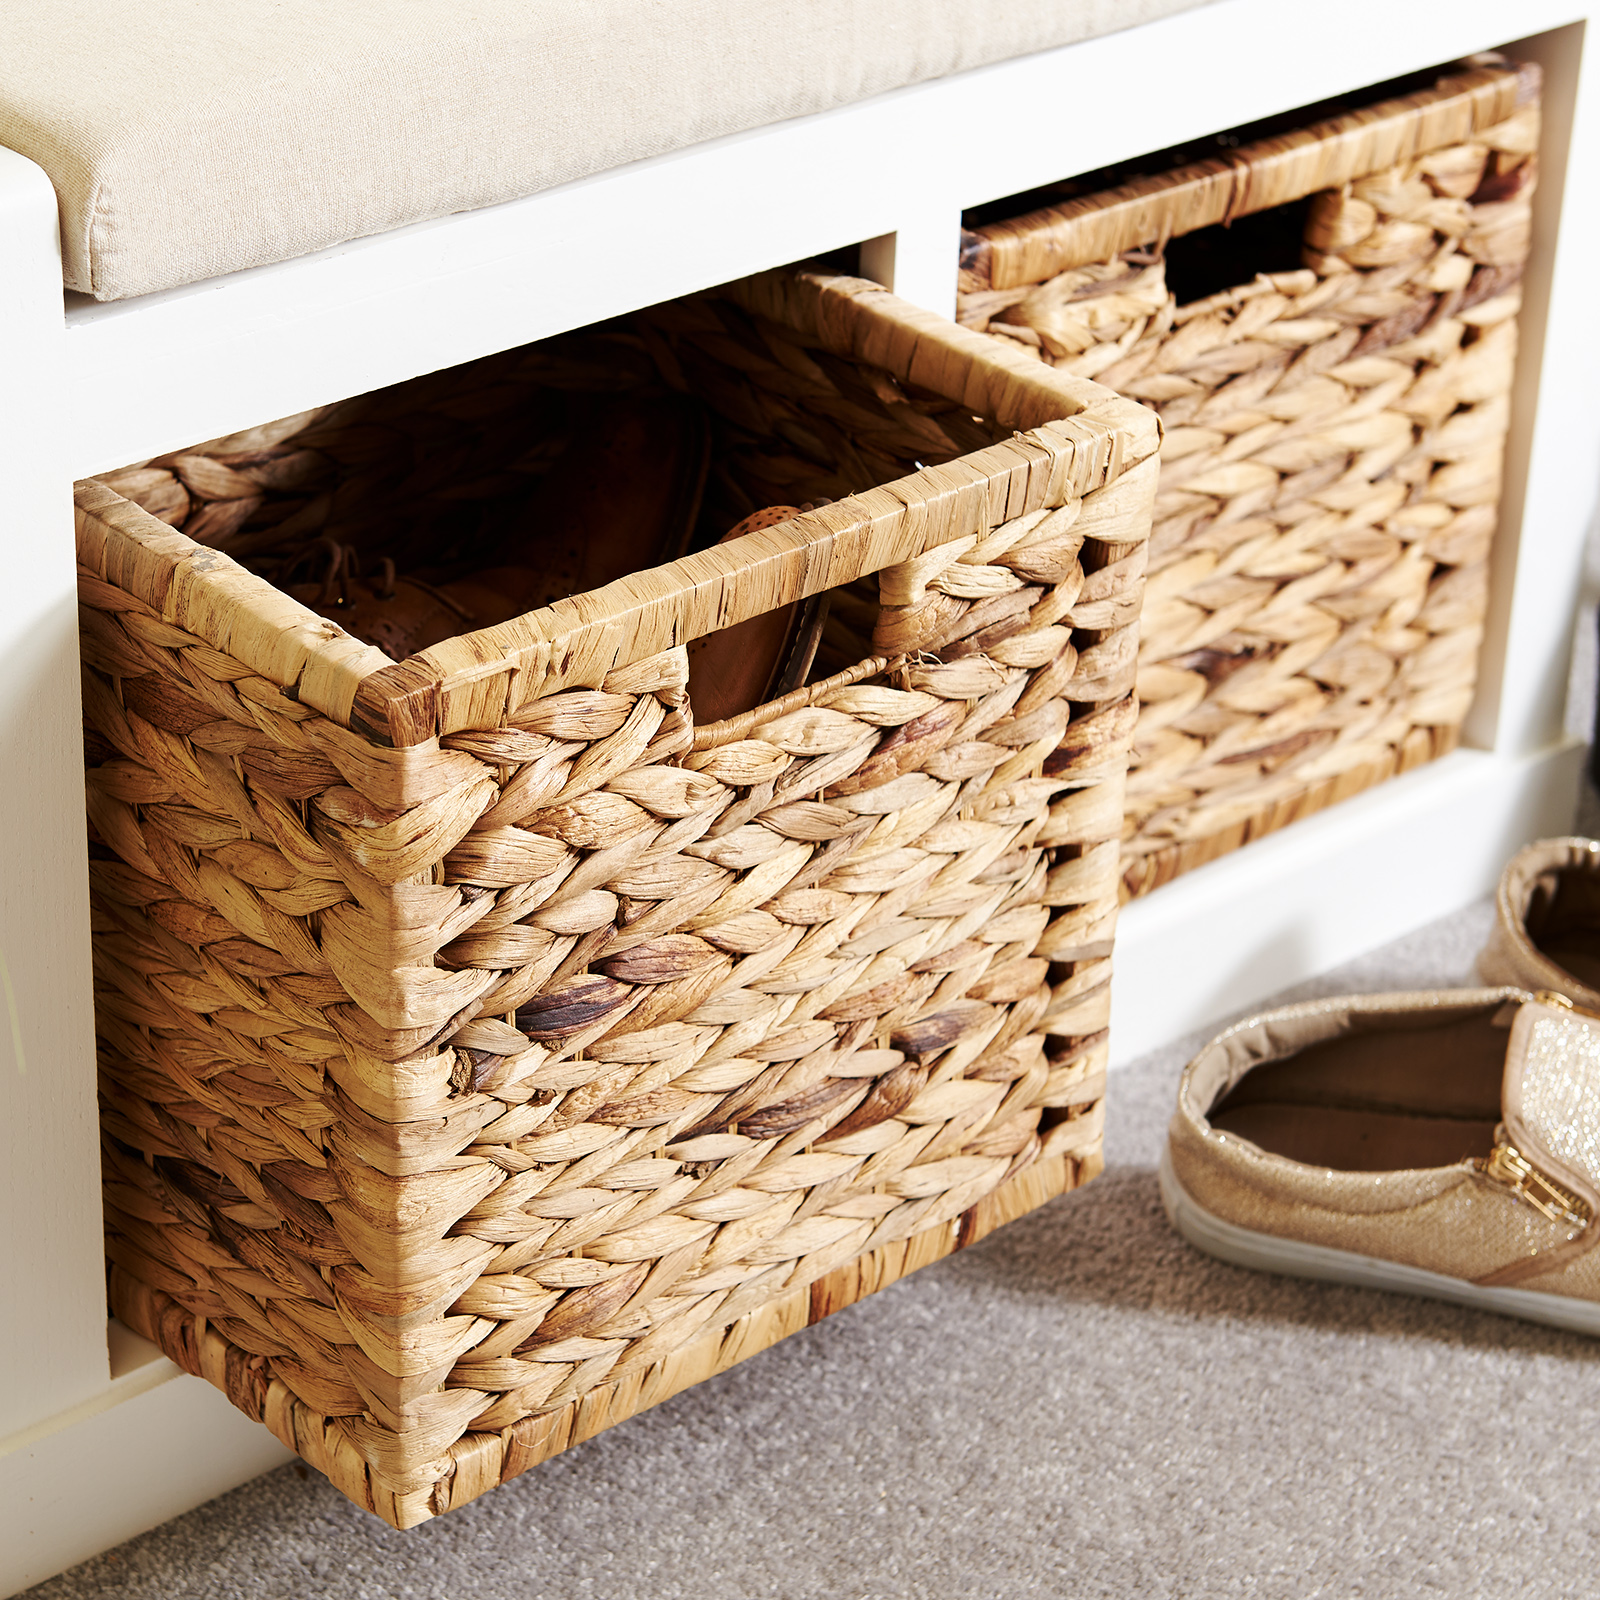 Strange Details About Hartleys 2 Drawer Hallway Storage Bench With Foam Padded Wicker Seat Cushion Uwap Interior Chair Design Uwaporg